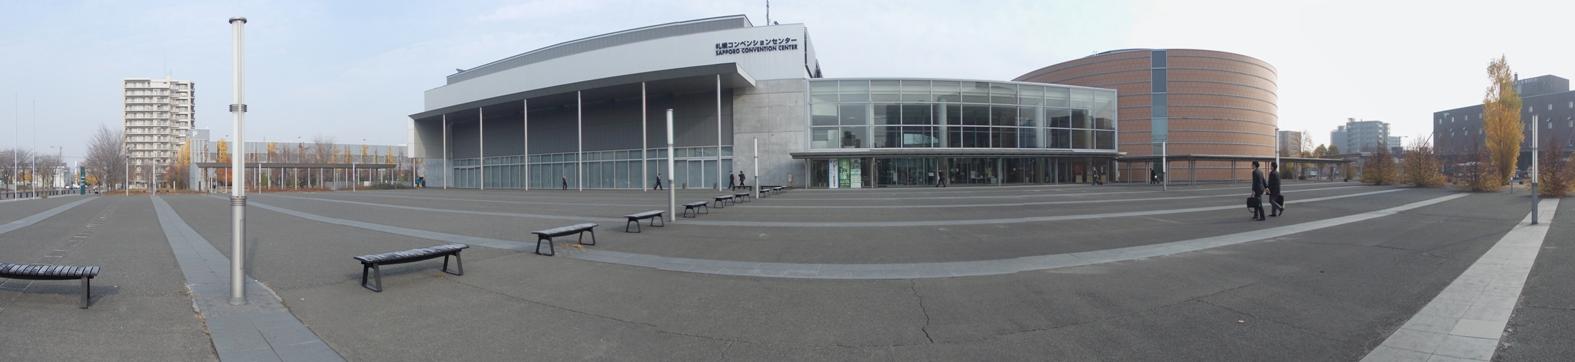 20141101_札幌コンベンションセンター_180度パノラマ1